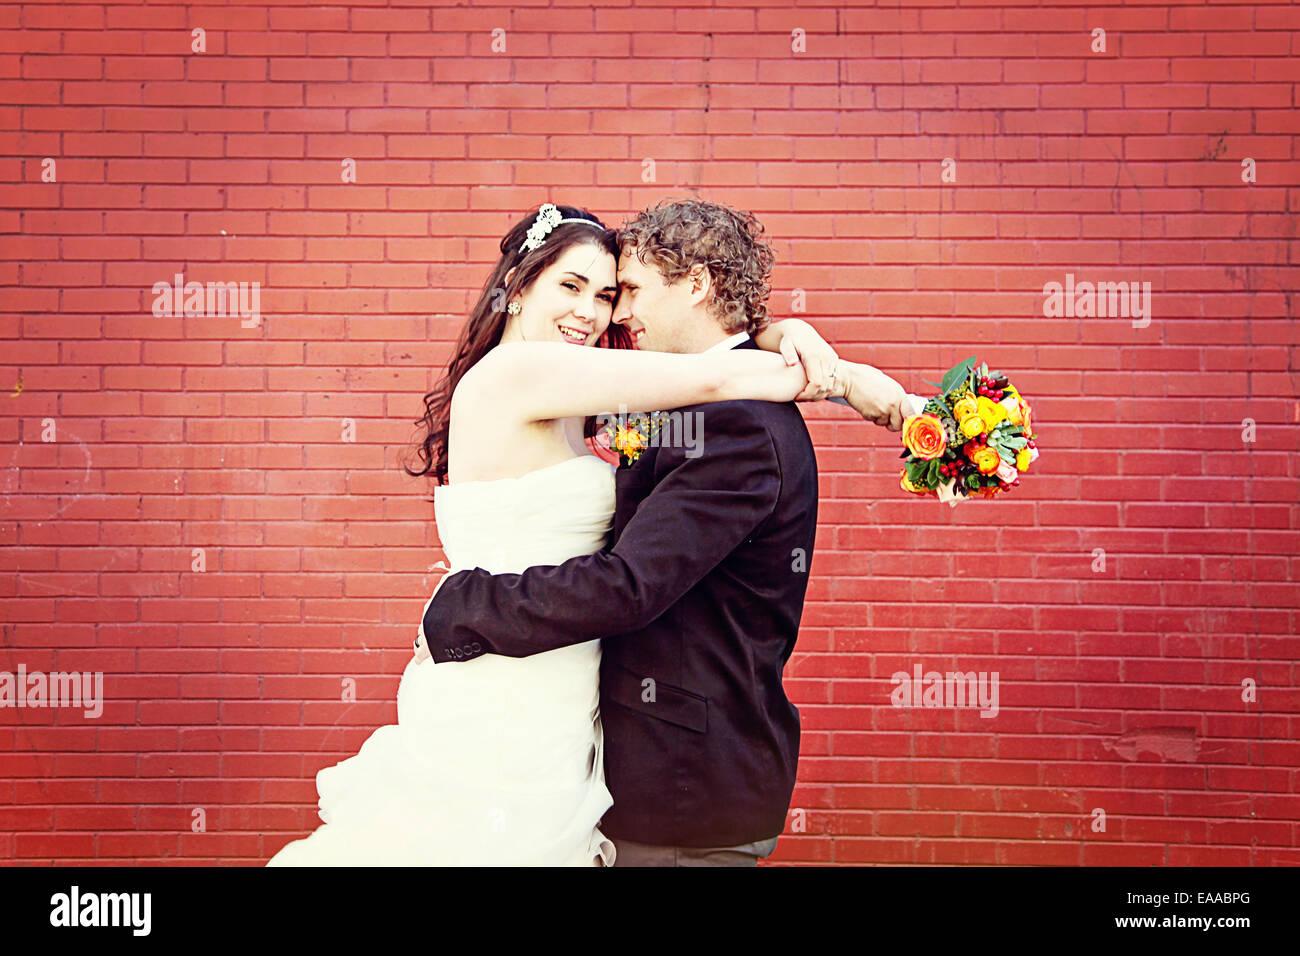 Hochzeitspaar auf Tag - Hochzeit, Braut und Bräutigam Stockbild